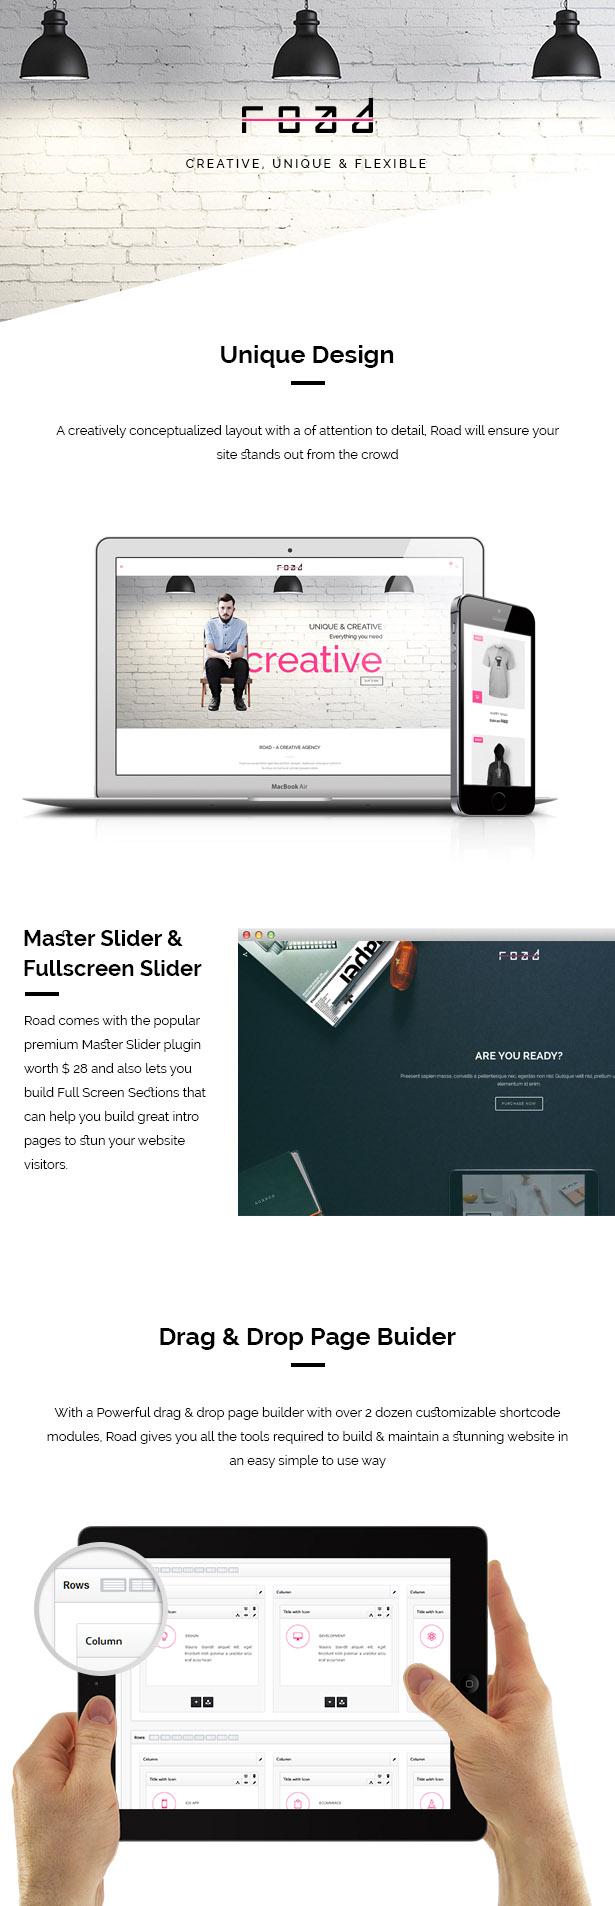 WordPress theme Road - Agency / Photography Portfolio Theme (Portfolio)